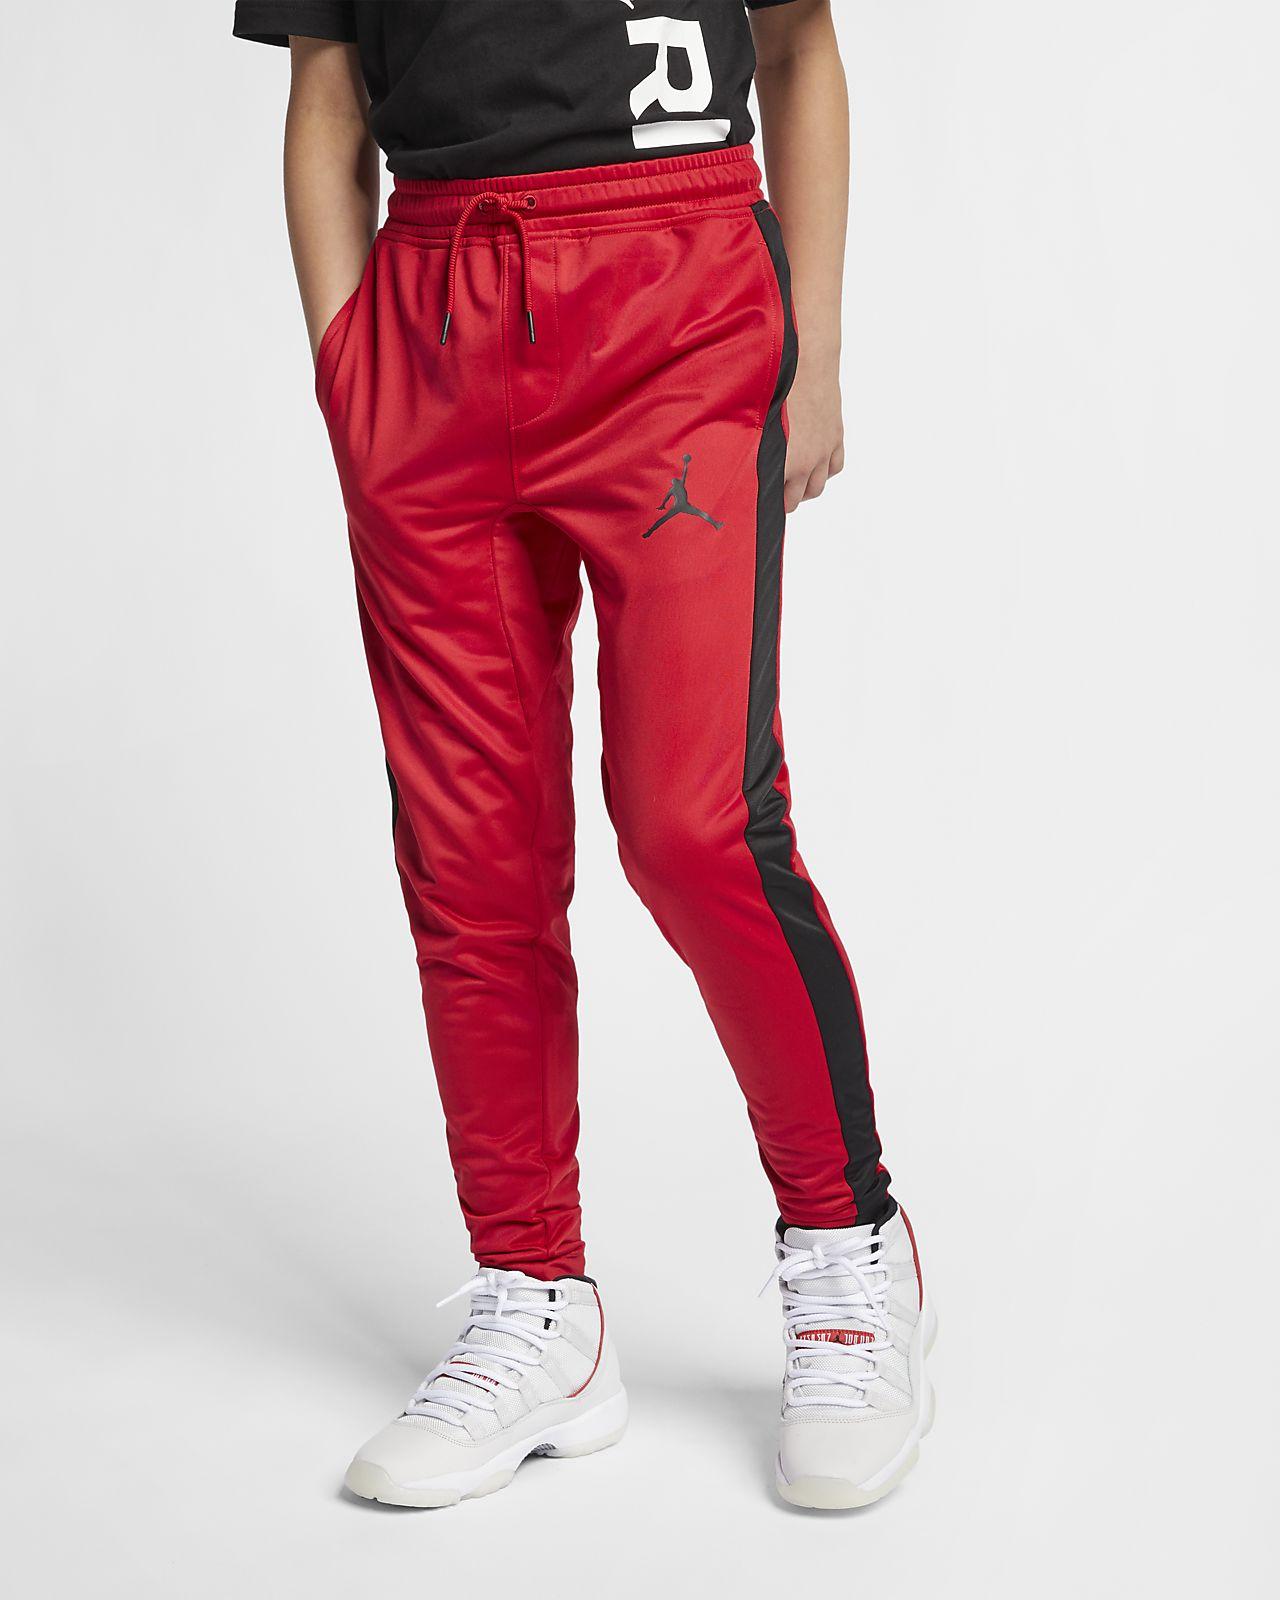 Spodnie dla dużych dzieci (chłopców) Jordan Sportswear Diamond